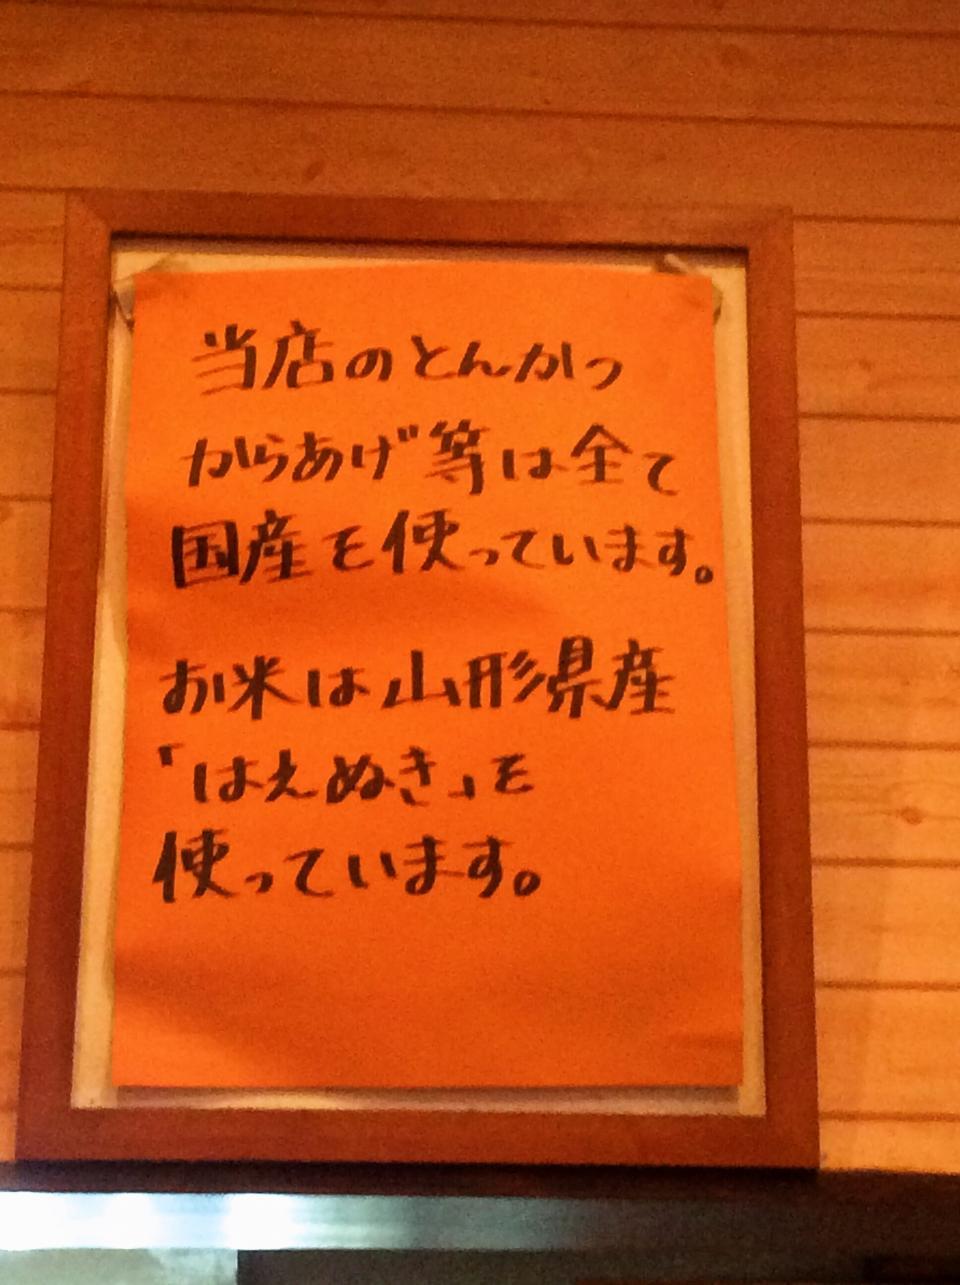 カレーやさんLITTLE SHOP(メニュー)